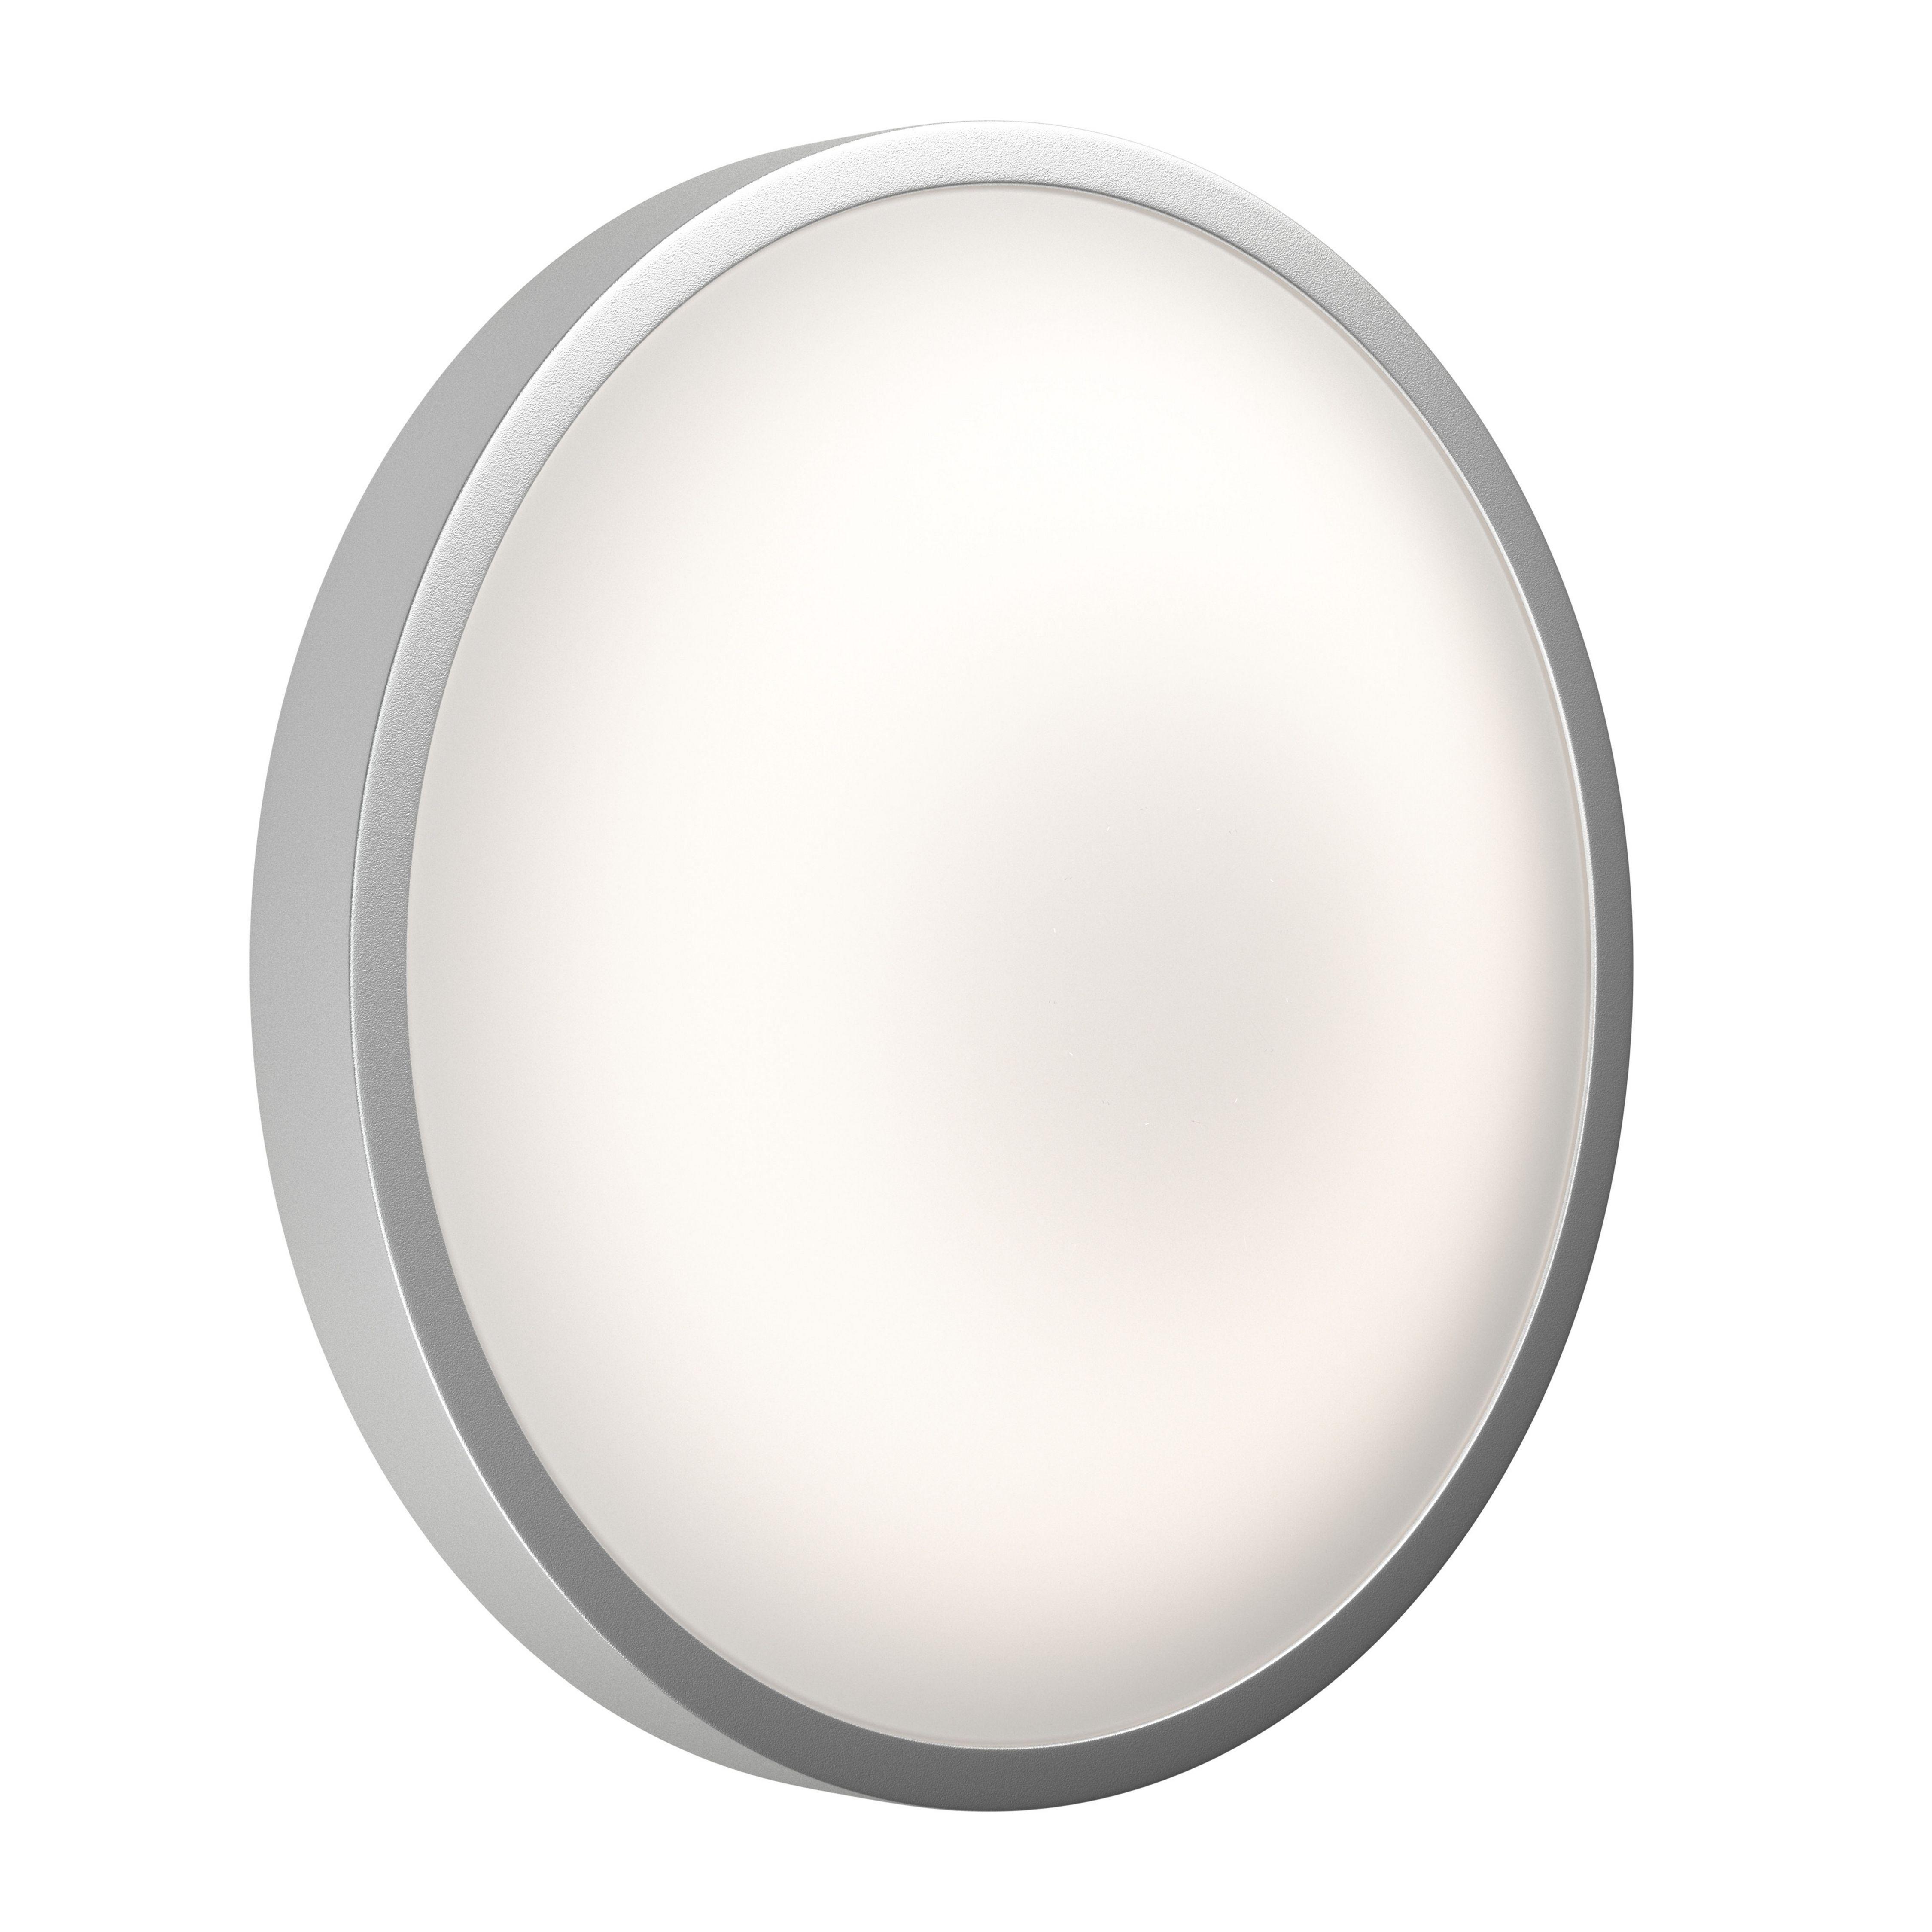 LED-Wand- und Deckenleuchte mit 16 W, dimmbar »SILARA 310 16 W 827-860 Click-CCT«